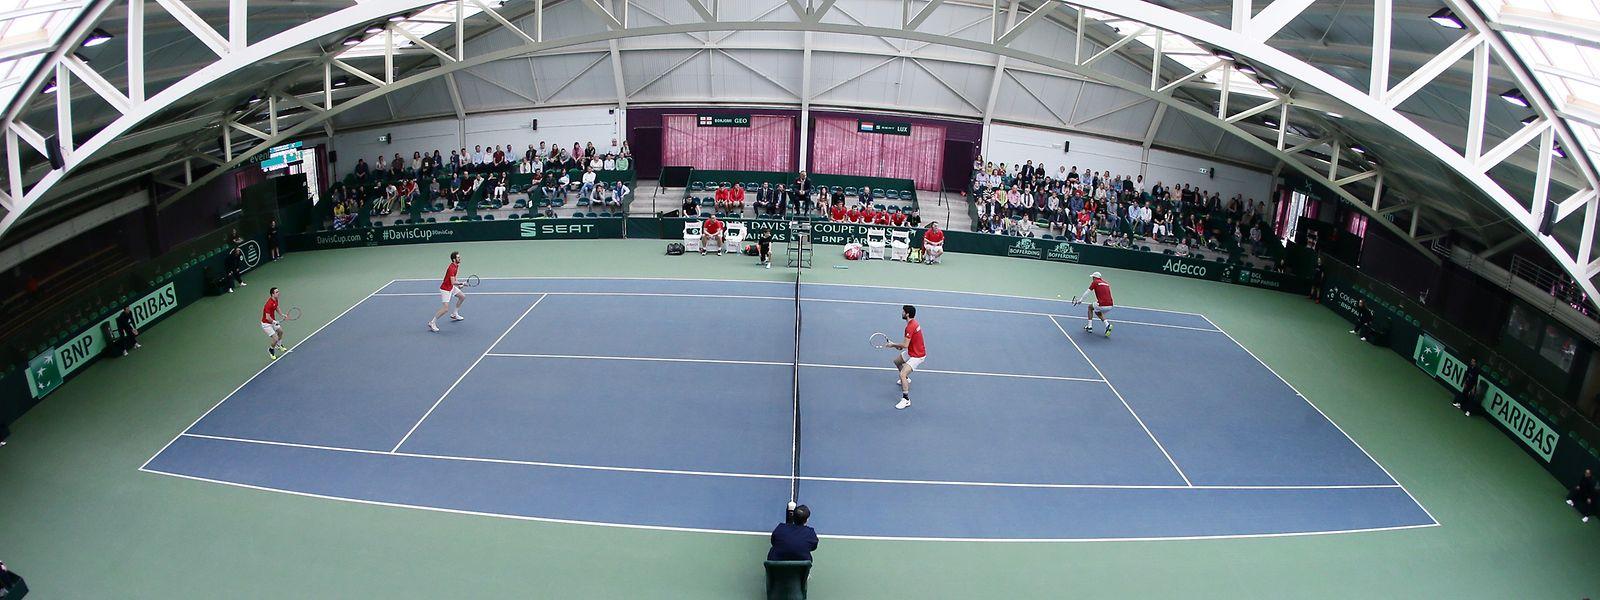 Das nationale Tenniszentrum in Esch/Alzette.